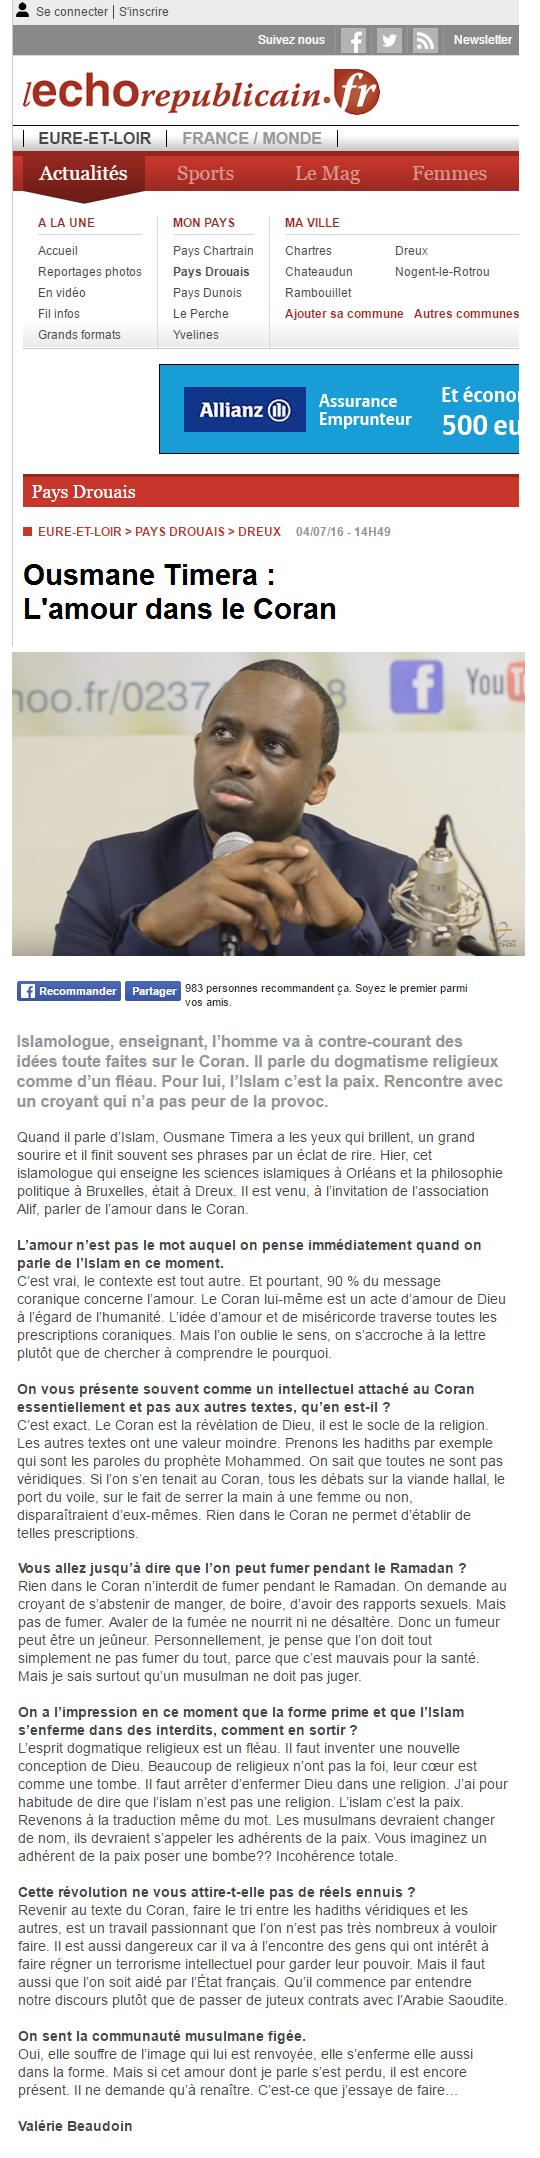 Ousmane_Timera_L'Echo_Républicain